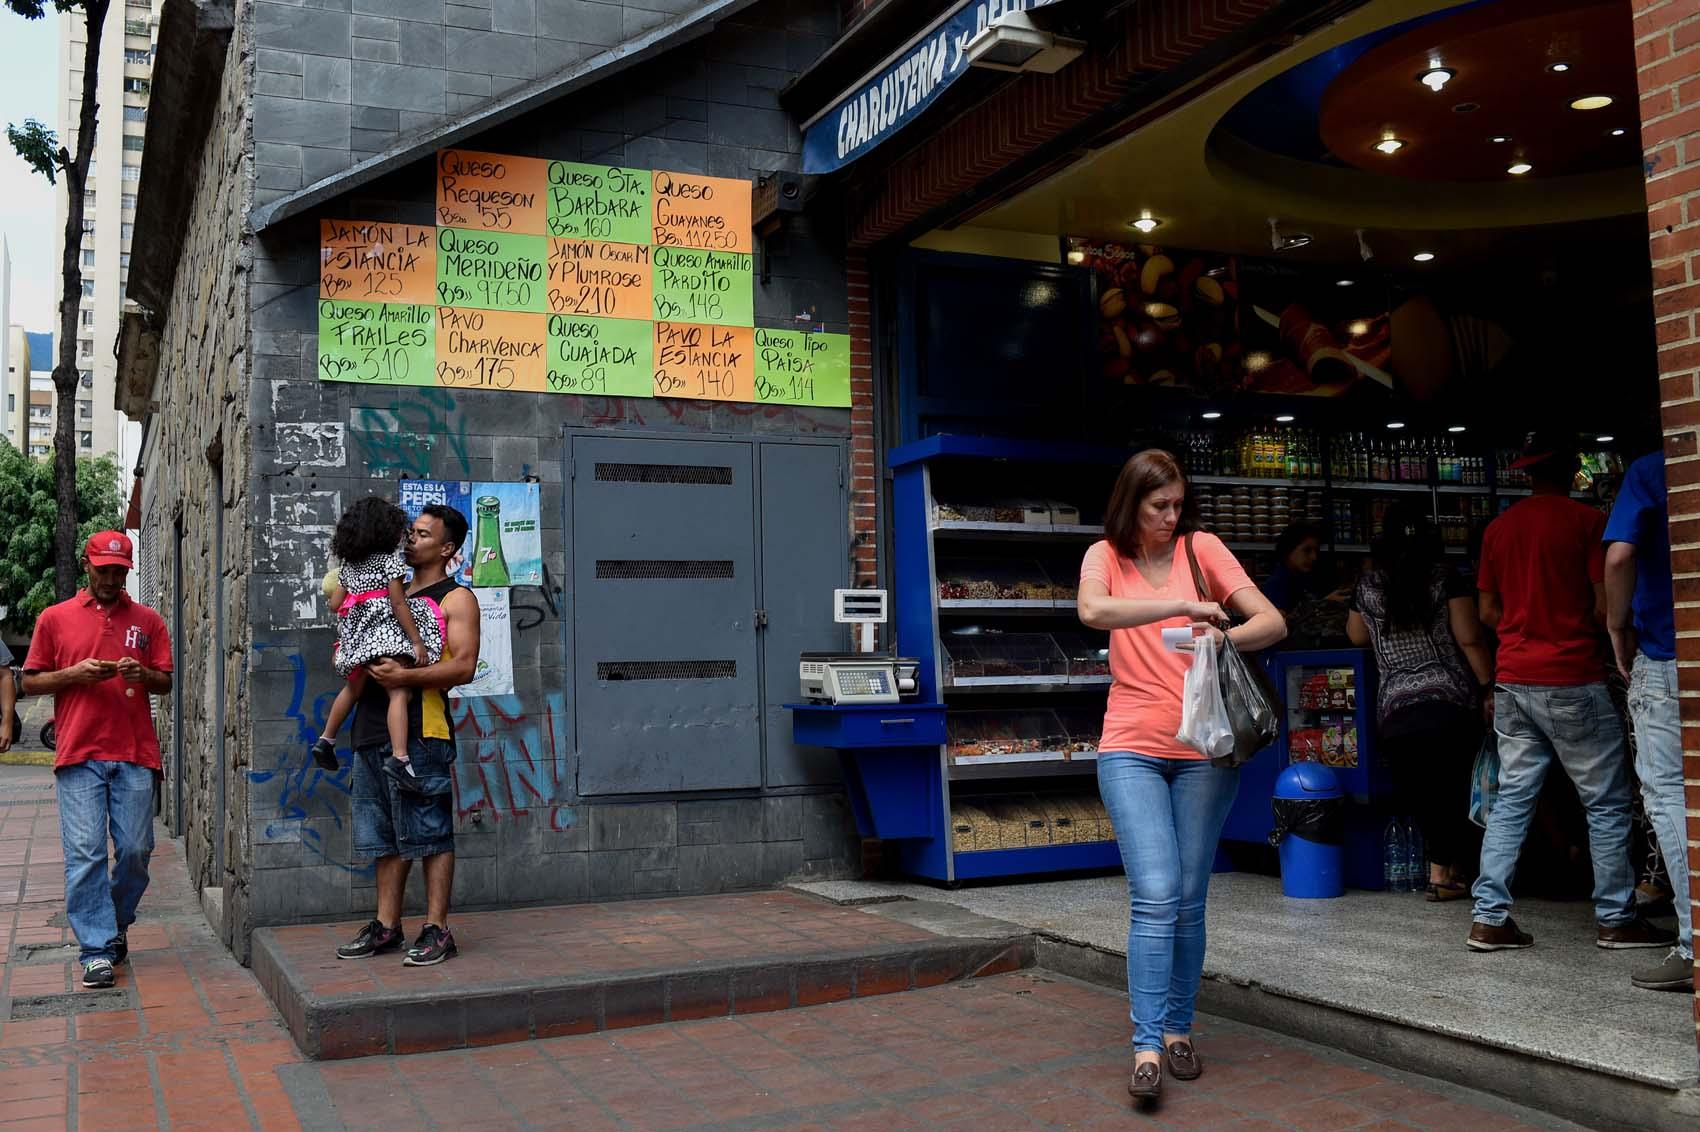 La inflación devora el bolsillo de los venezolanos